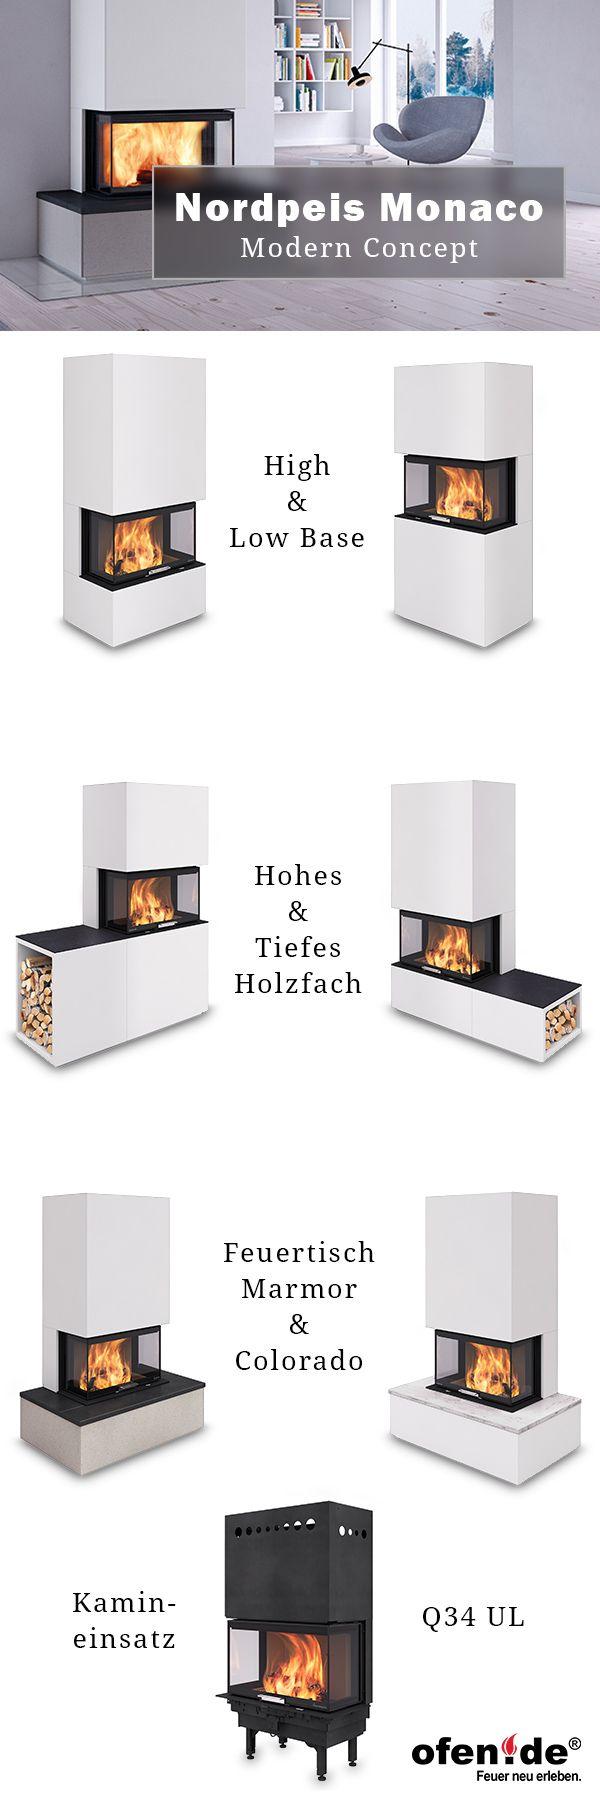 der neue nordpeis monaco 3 seitiger kamin brennkammer q34 ul mit vielen kombinationen alle. Black Bedroom Furniture Sets. Home Design Ideas